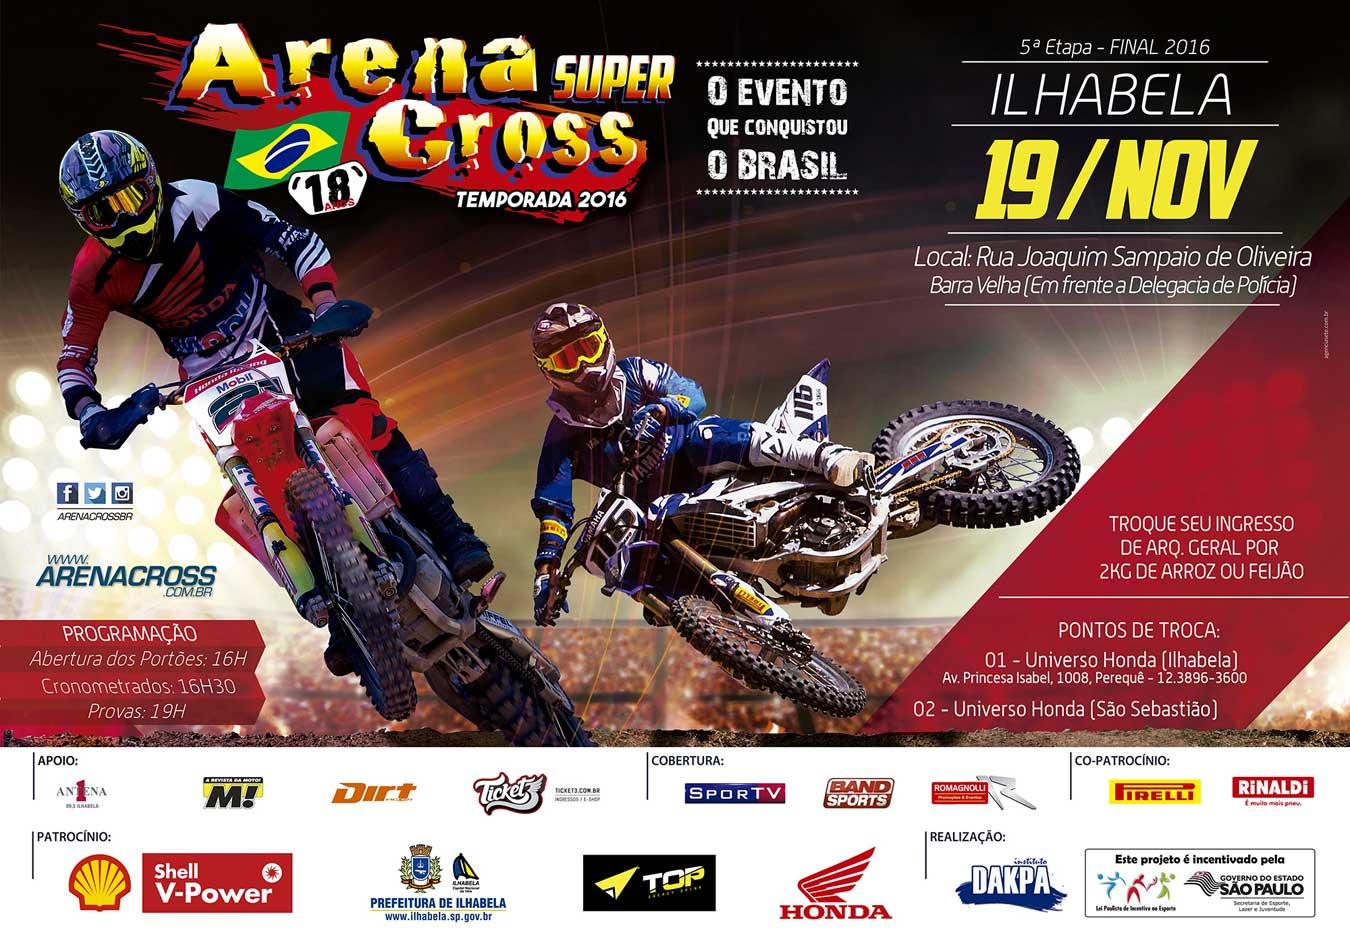 Final do Arena Cross 2016 em Ilhabela